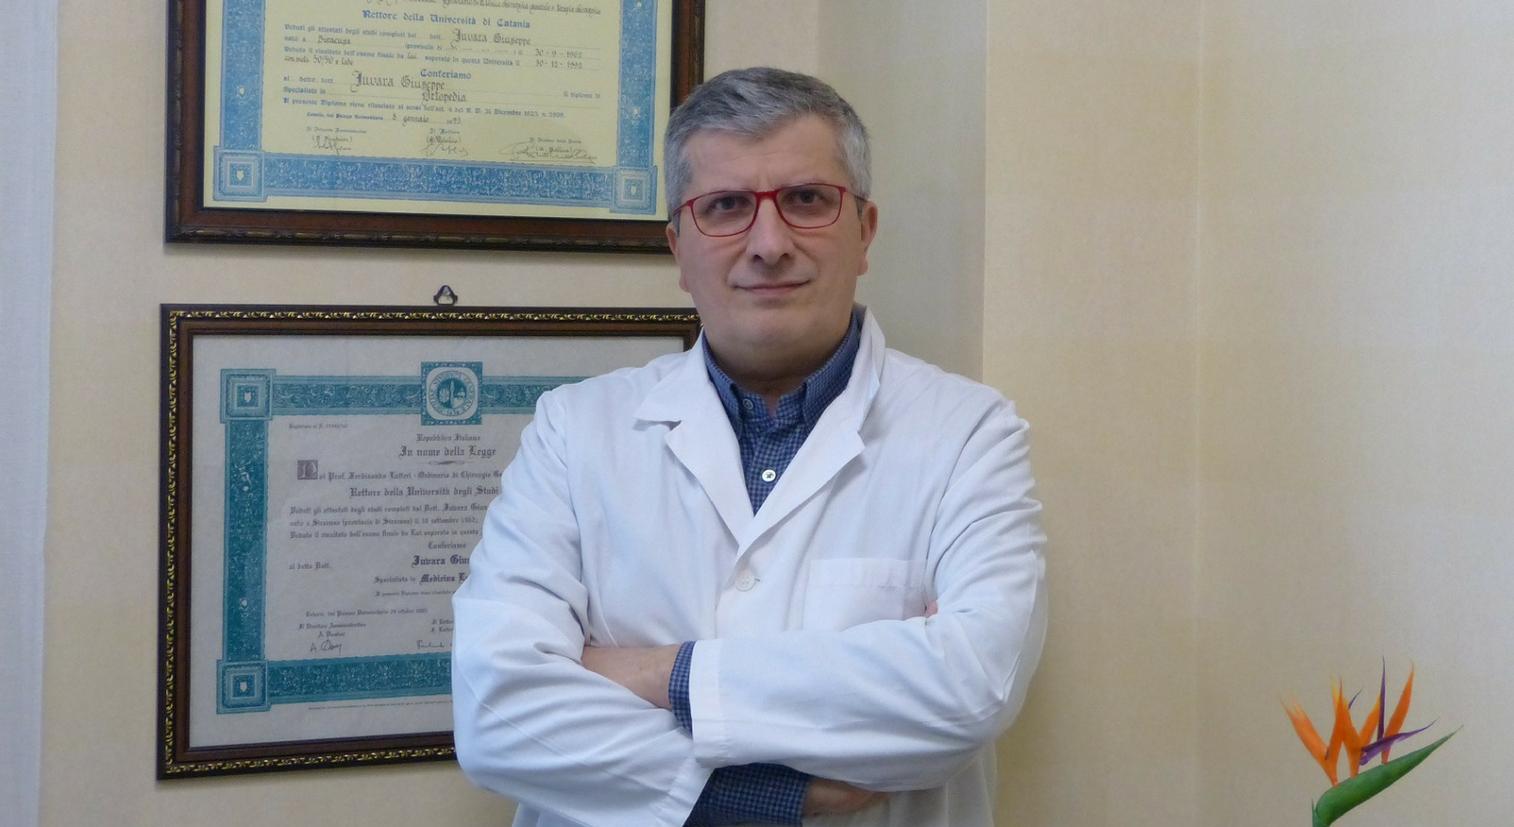 Ragusa – L'Asp licenzia Iuvara, il medico legale accusato di corruzione